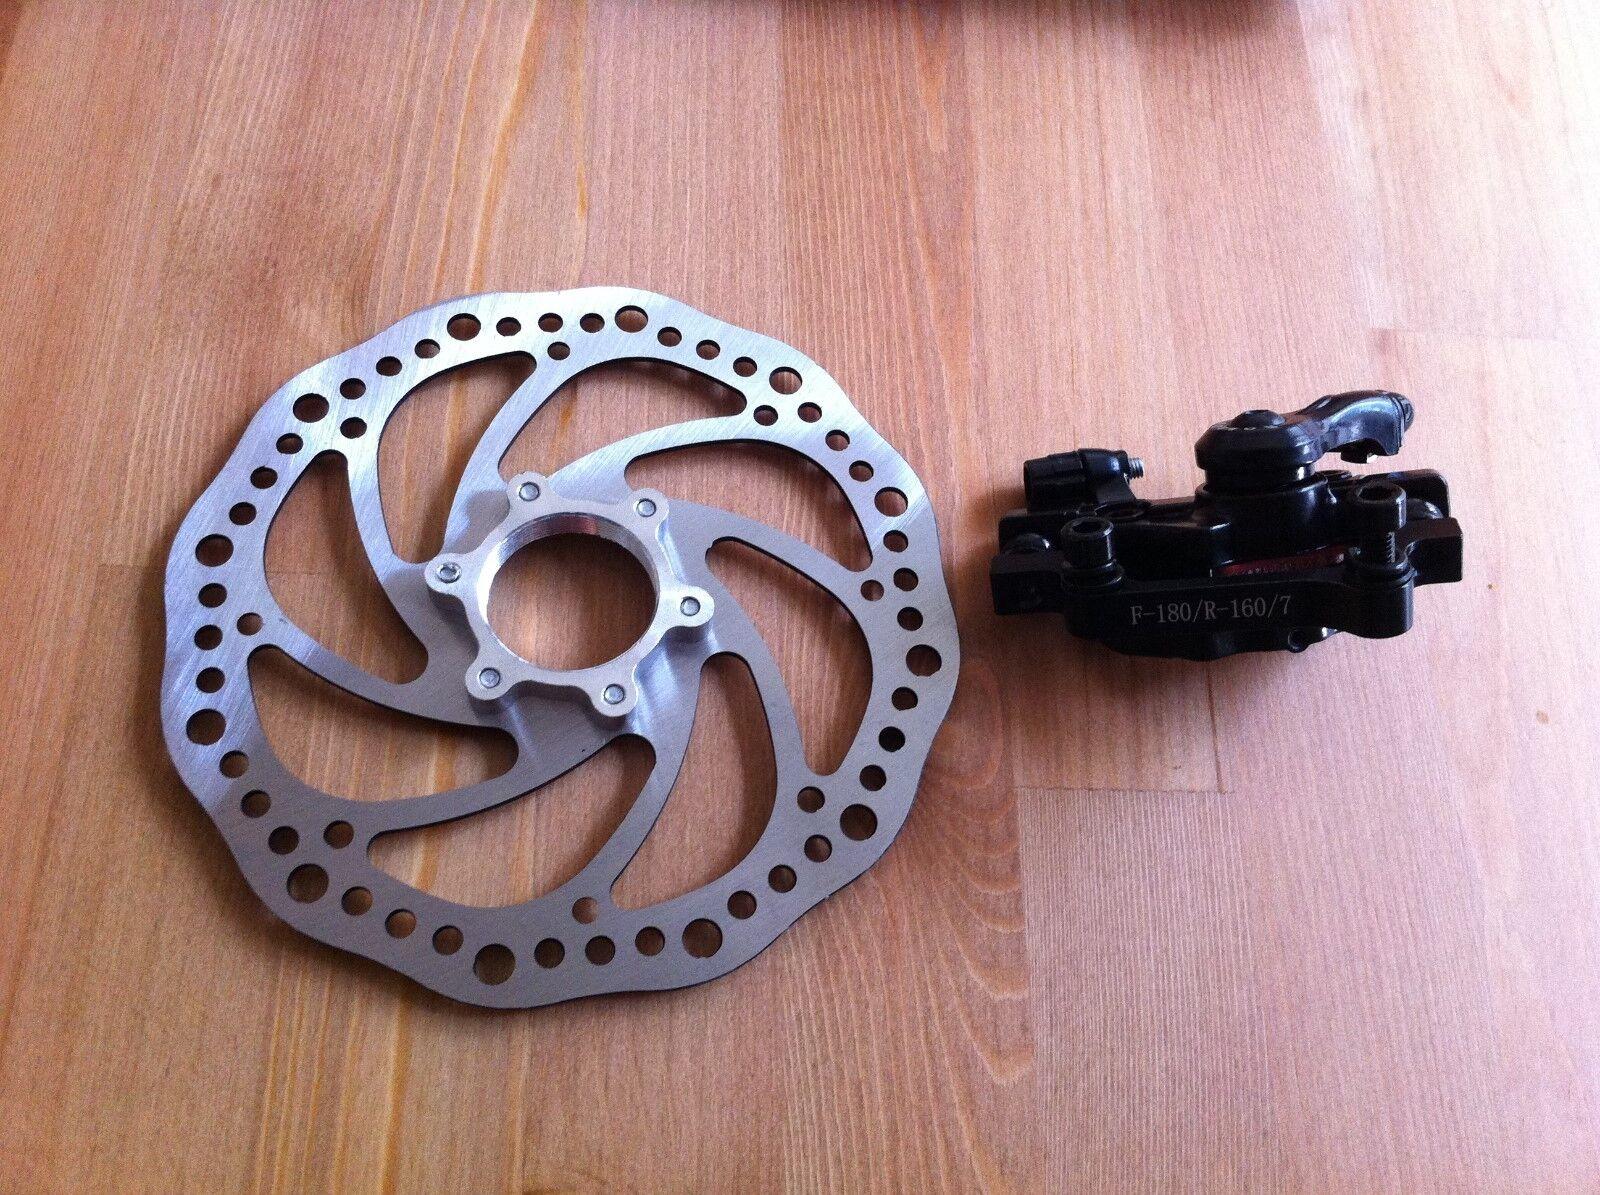 Bicycle Disc Brake Rotor Caliper Adapter Kit Cruiser Chopper Chopper Chopper MTB Motorized Bikes d87410